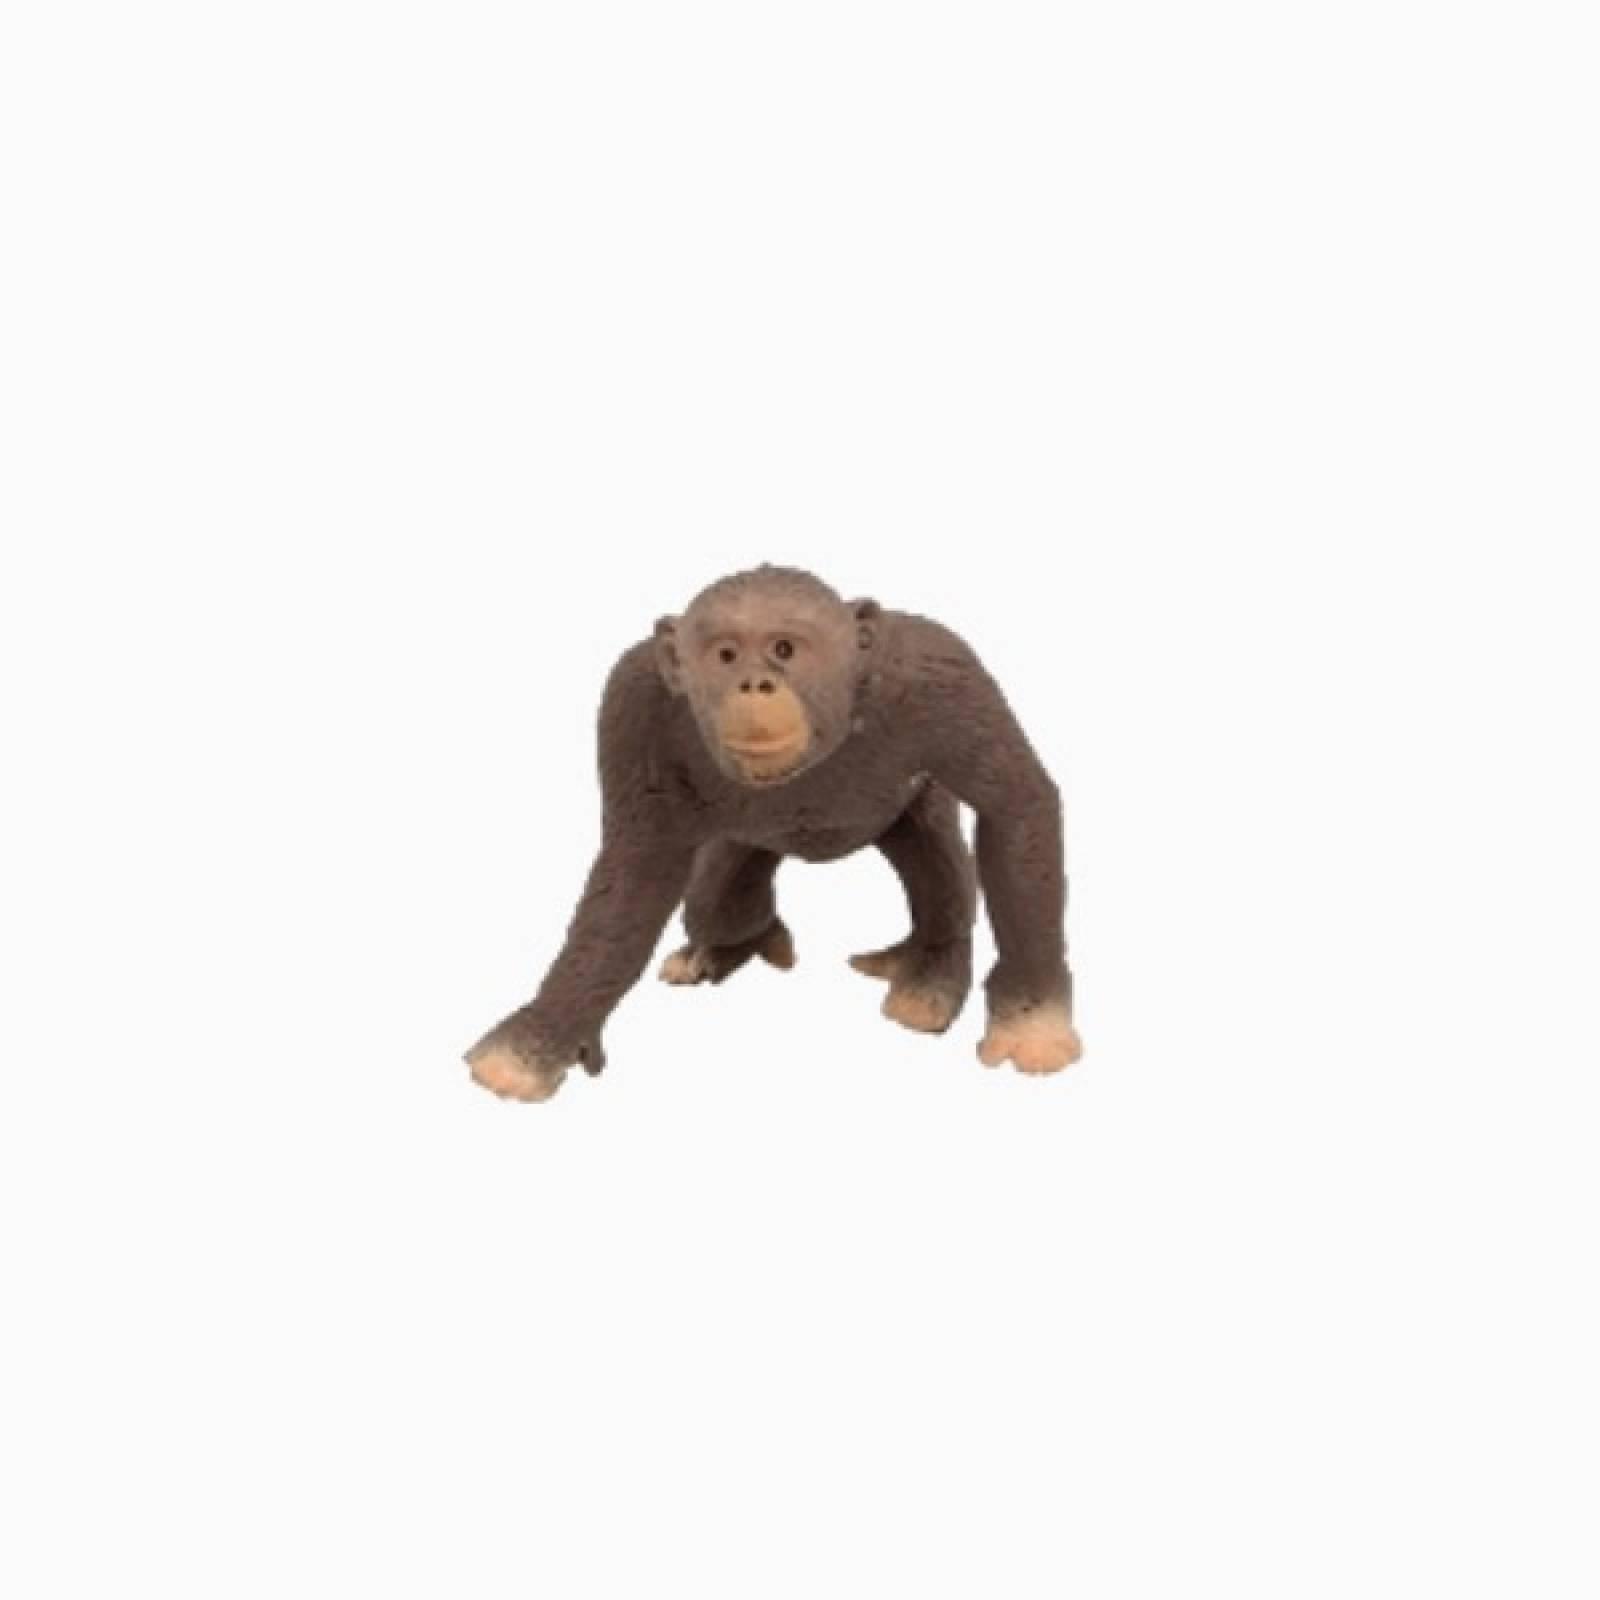 Chimpanzee Stretchy Beanie Animal Toy 3+